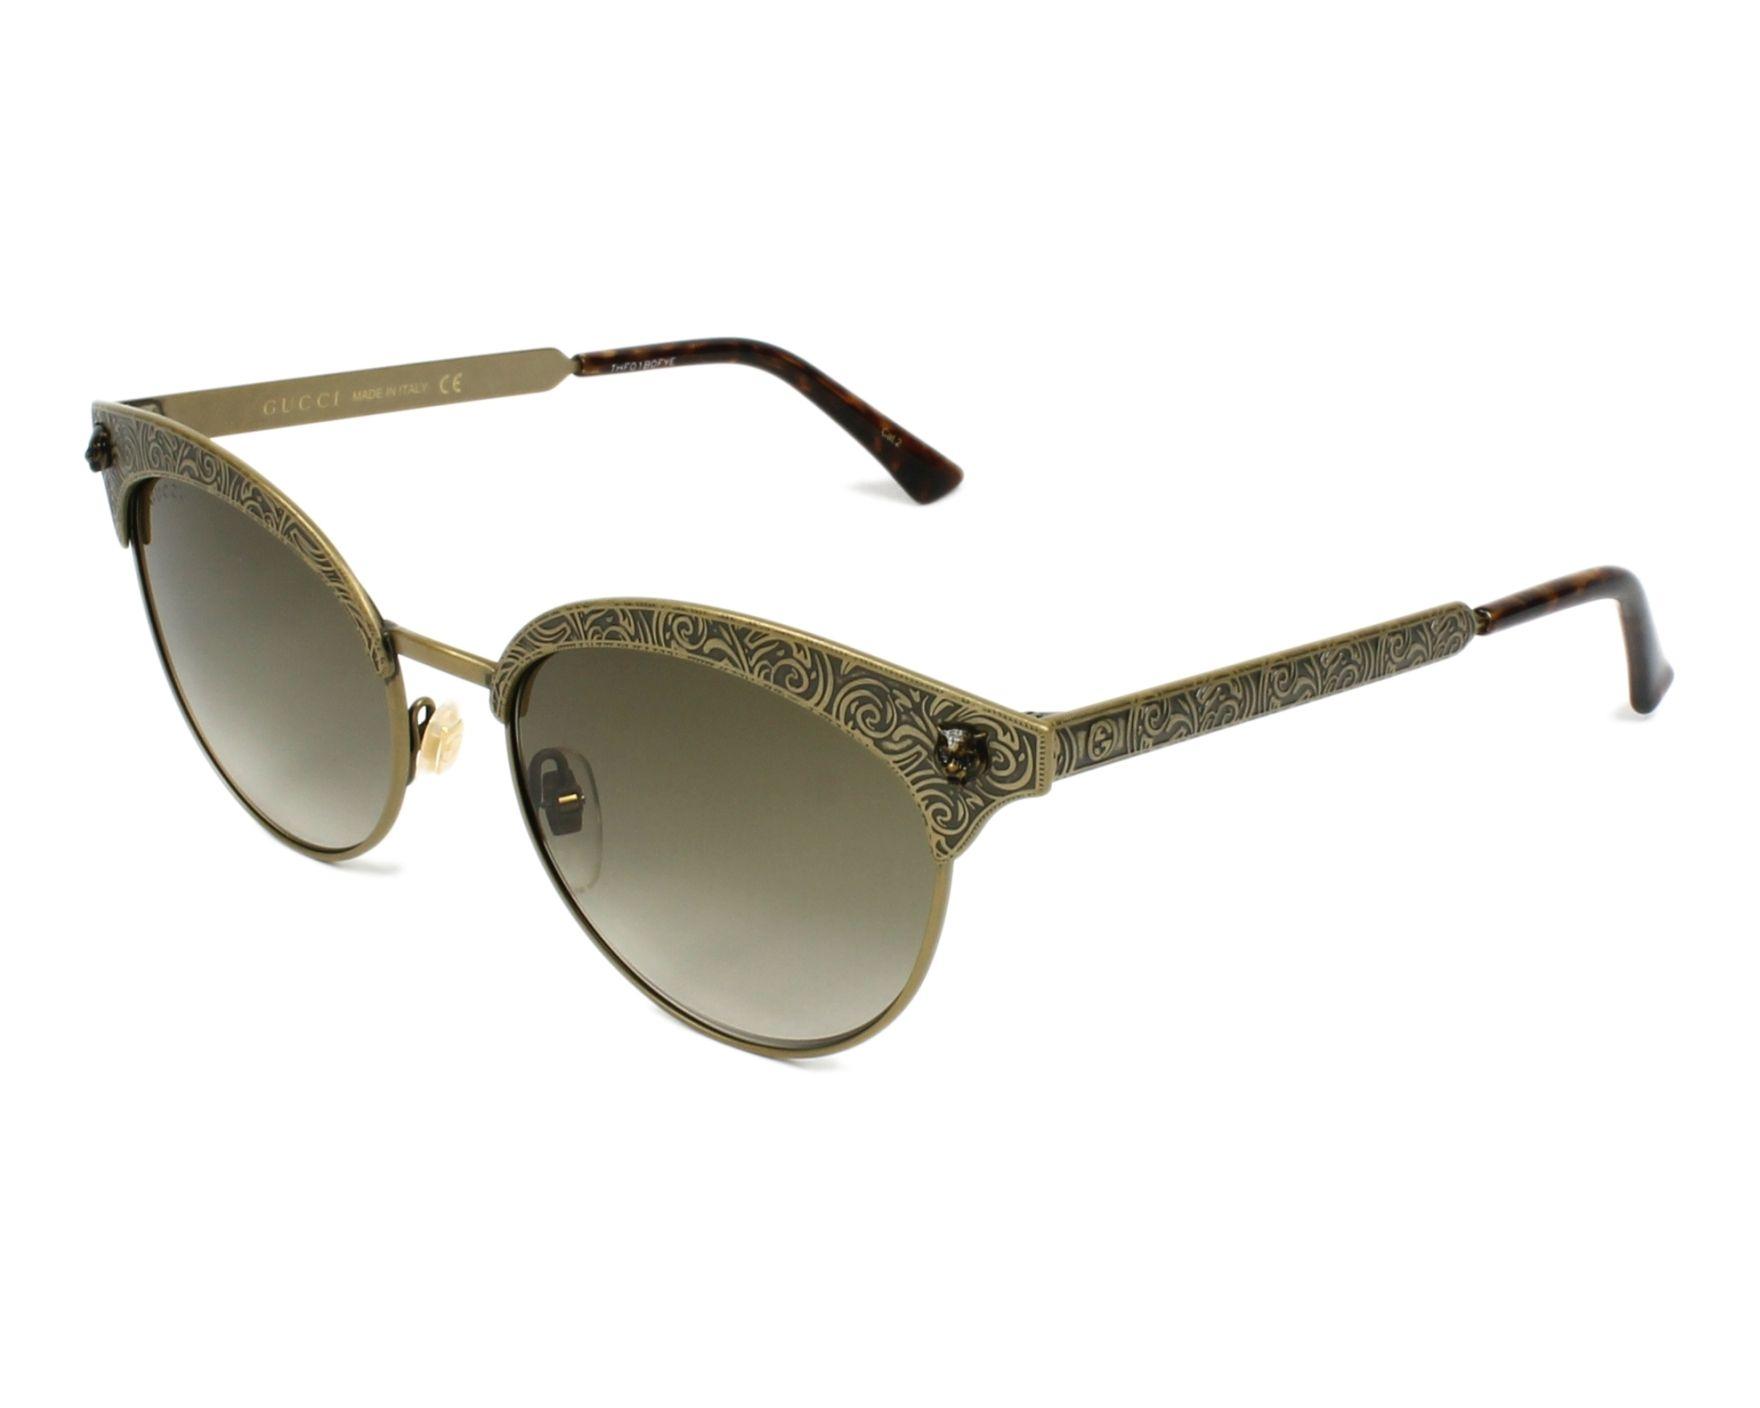 d0454993cb7 Sunglasses Gucci GG-0220-S 003 52-17 Brass Brass profile view